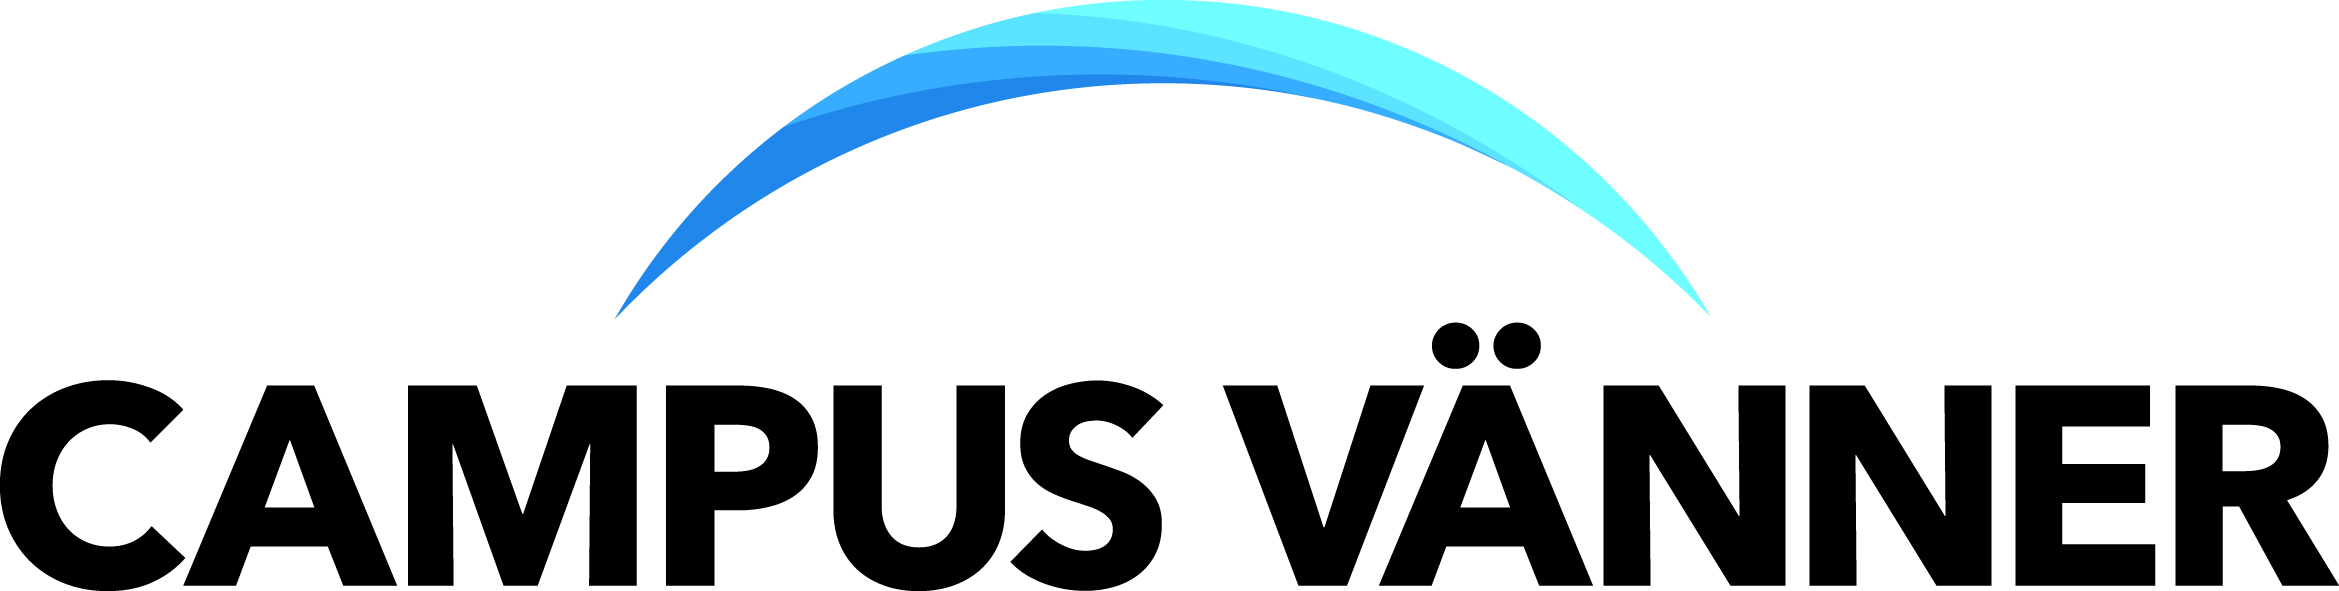 261 Campus Vanner Logo CMYK